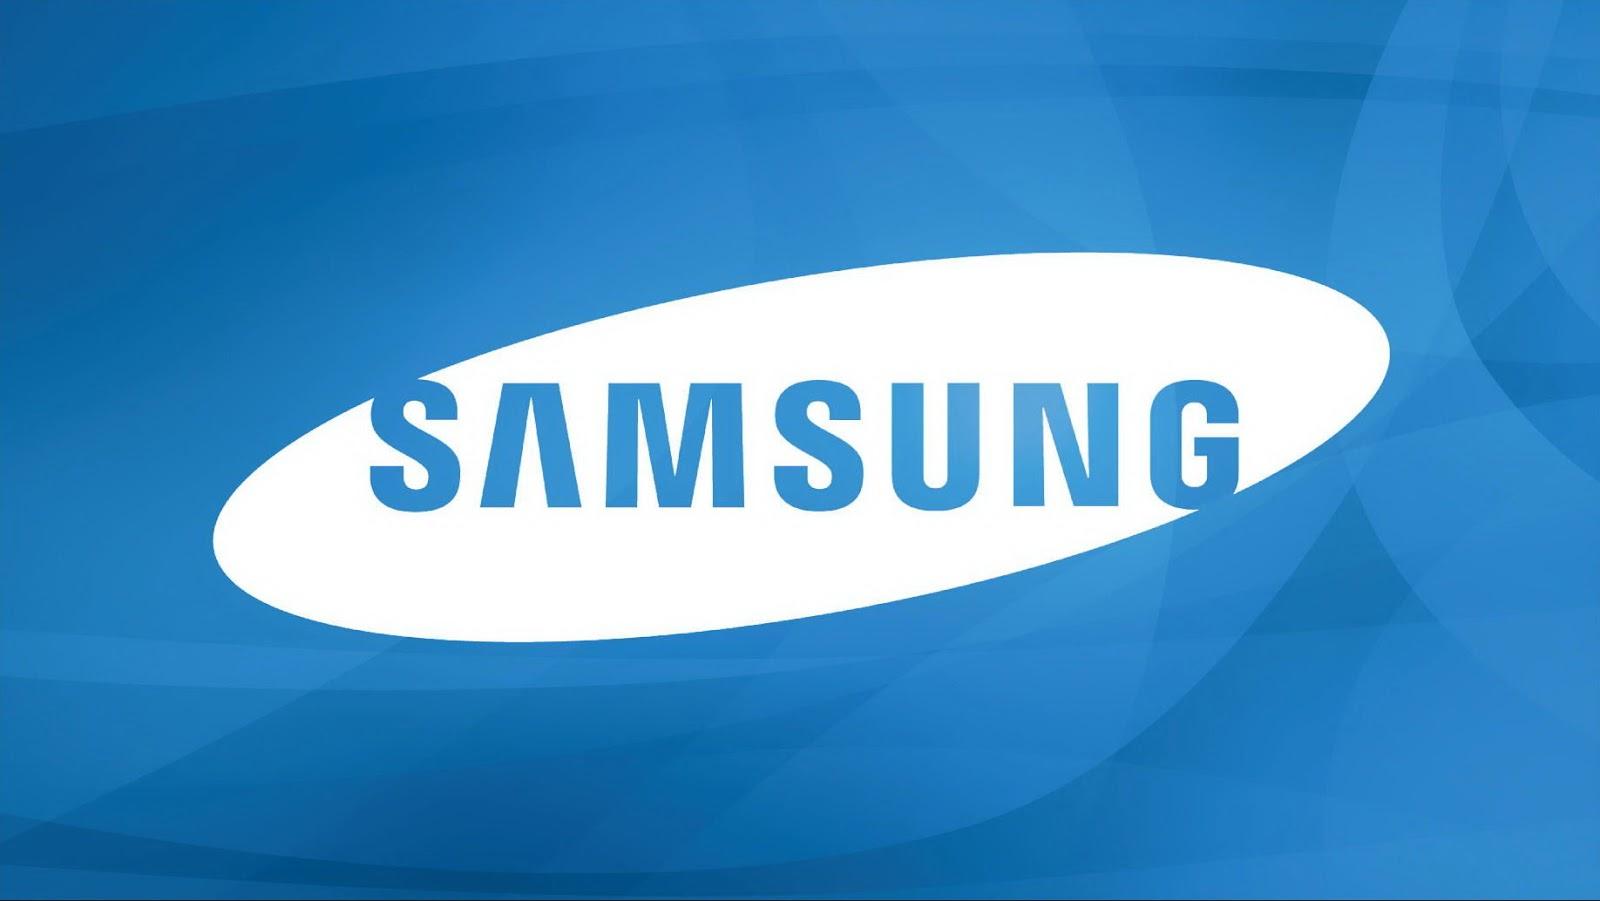 http://4.bp.blogspot.com/-1DfX0mIceME/UPRNMQ0b3kI/AAAAAAAAB-w/Op1g_DDDOEs/s1600/Samsung%2BLogo%2BWallpaper%2BBlue%2BColour.jpg